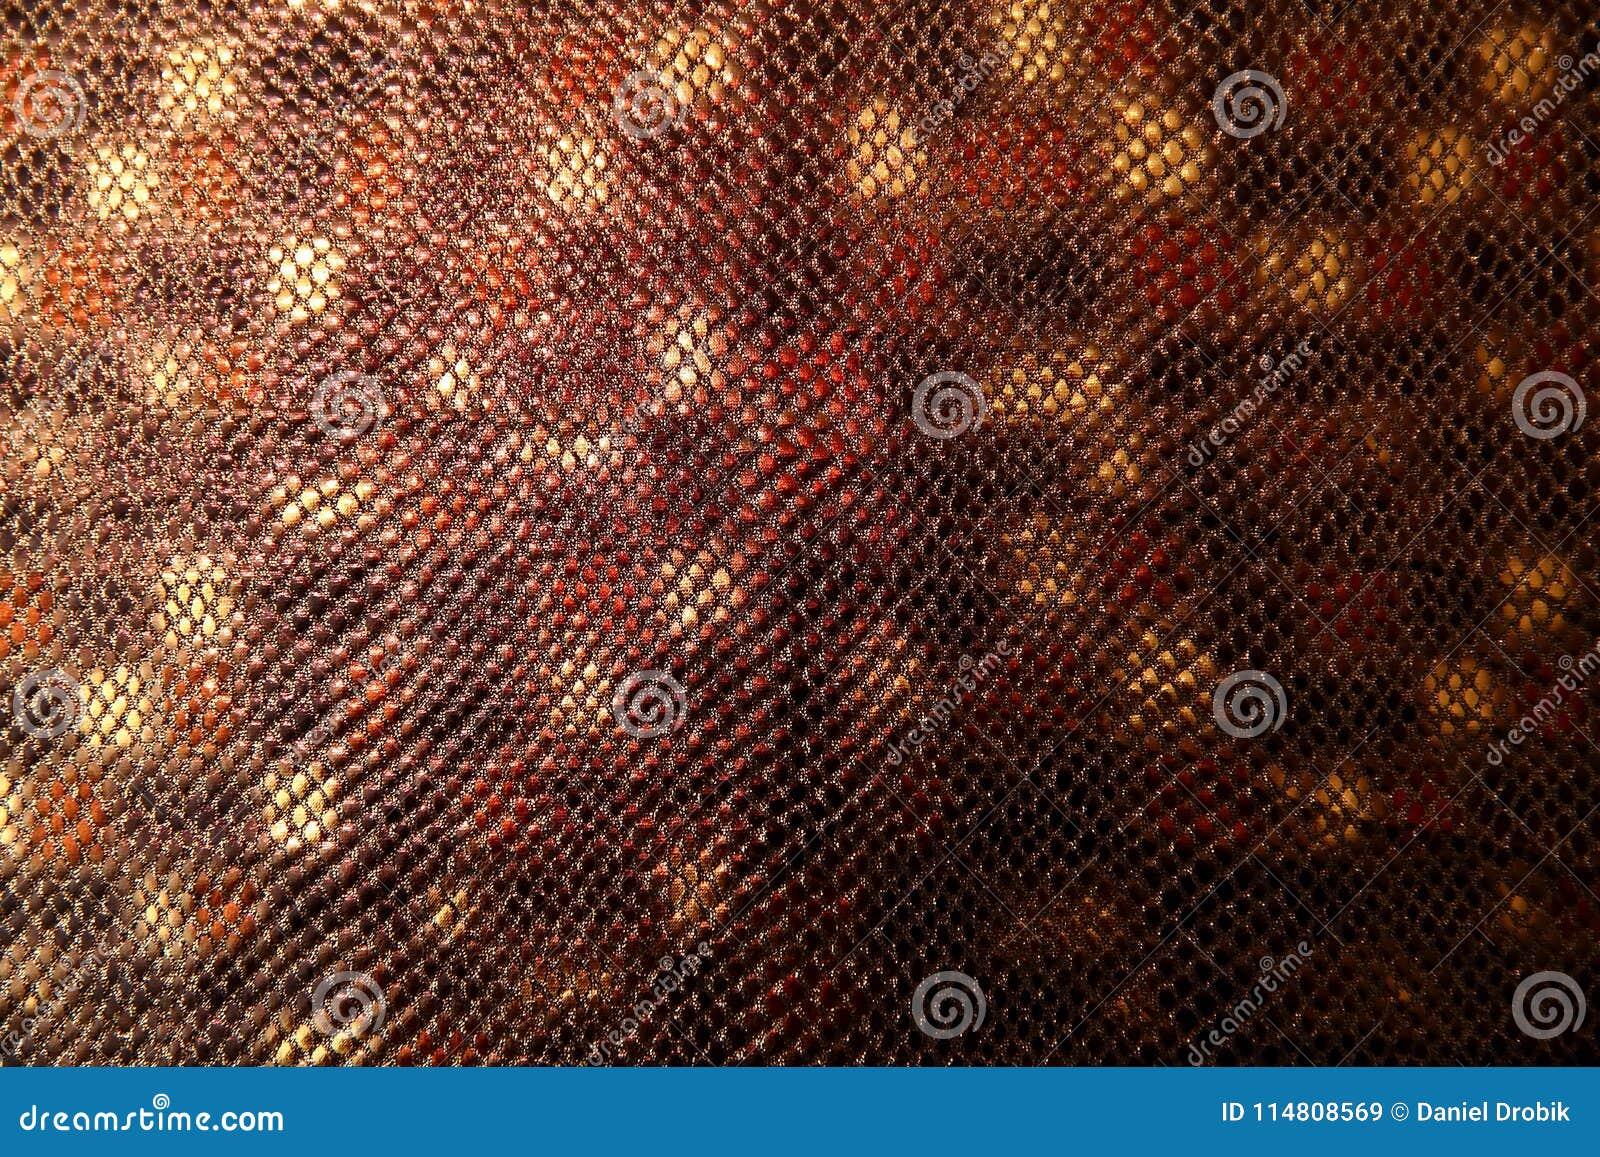 Organtyna is een glanzend materiaal dat een materiaal geschikt voor uitrustingen is die verondersteld zijn om status en succes te